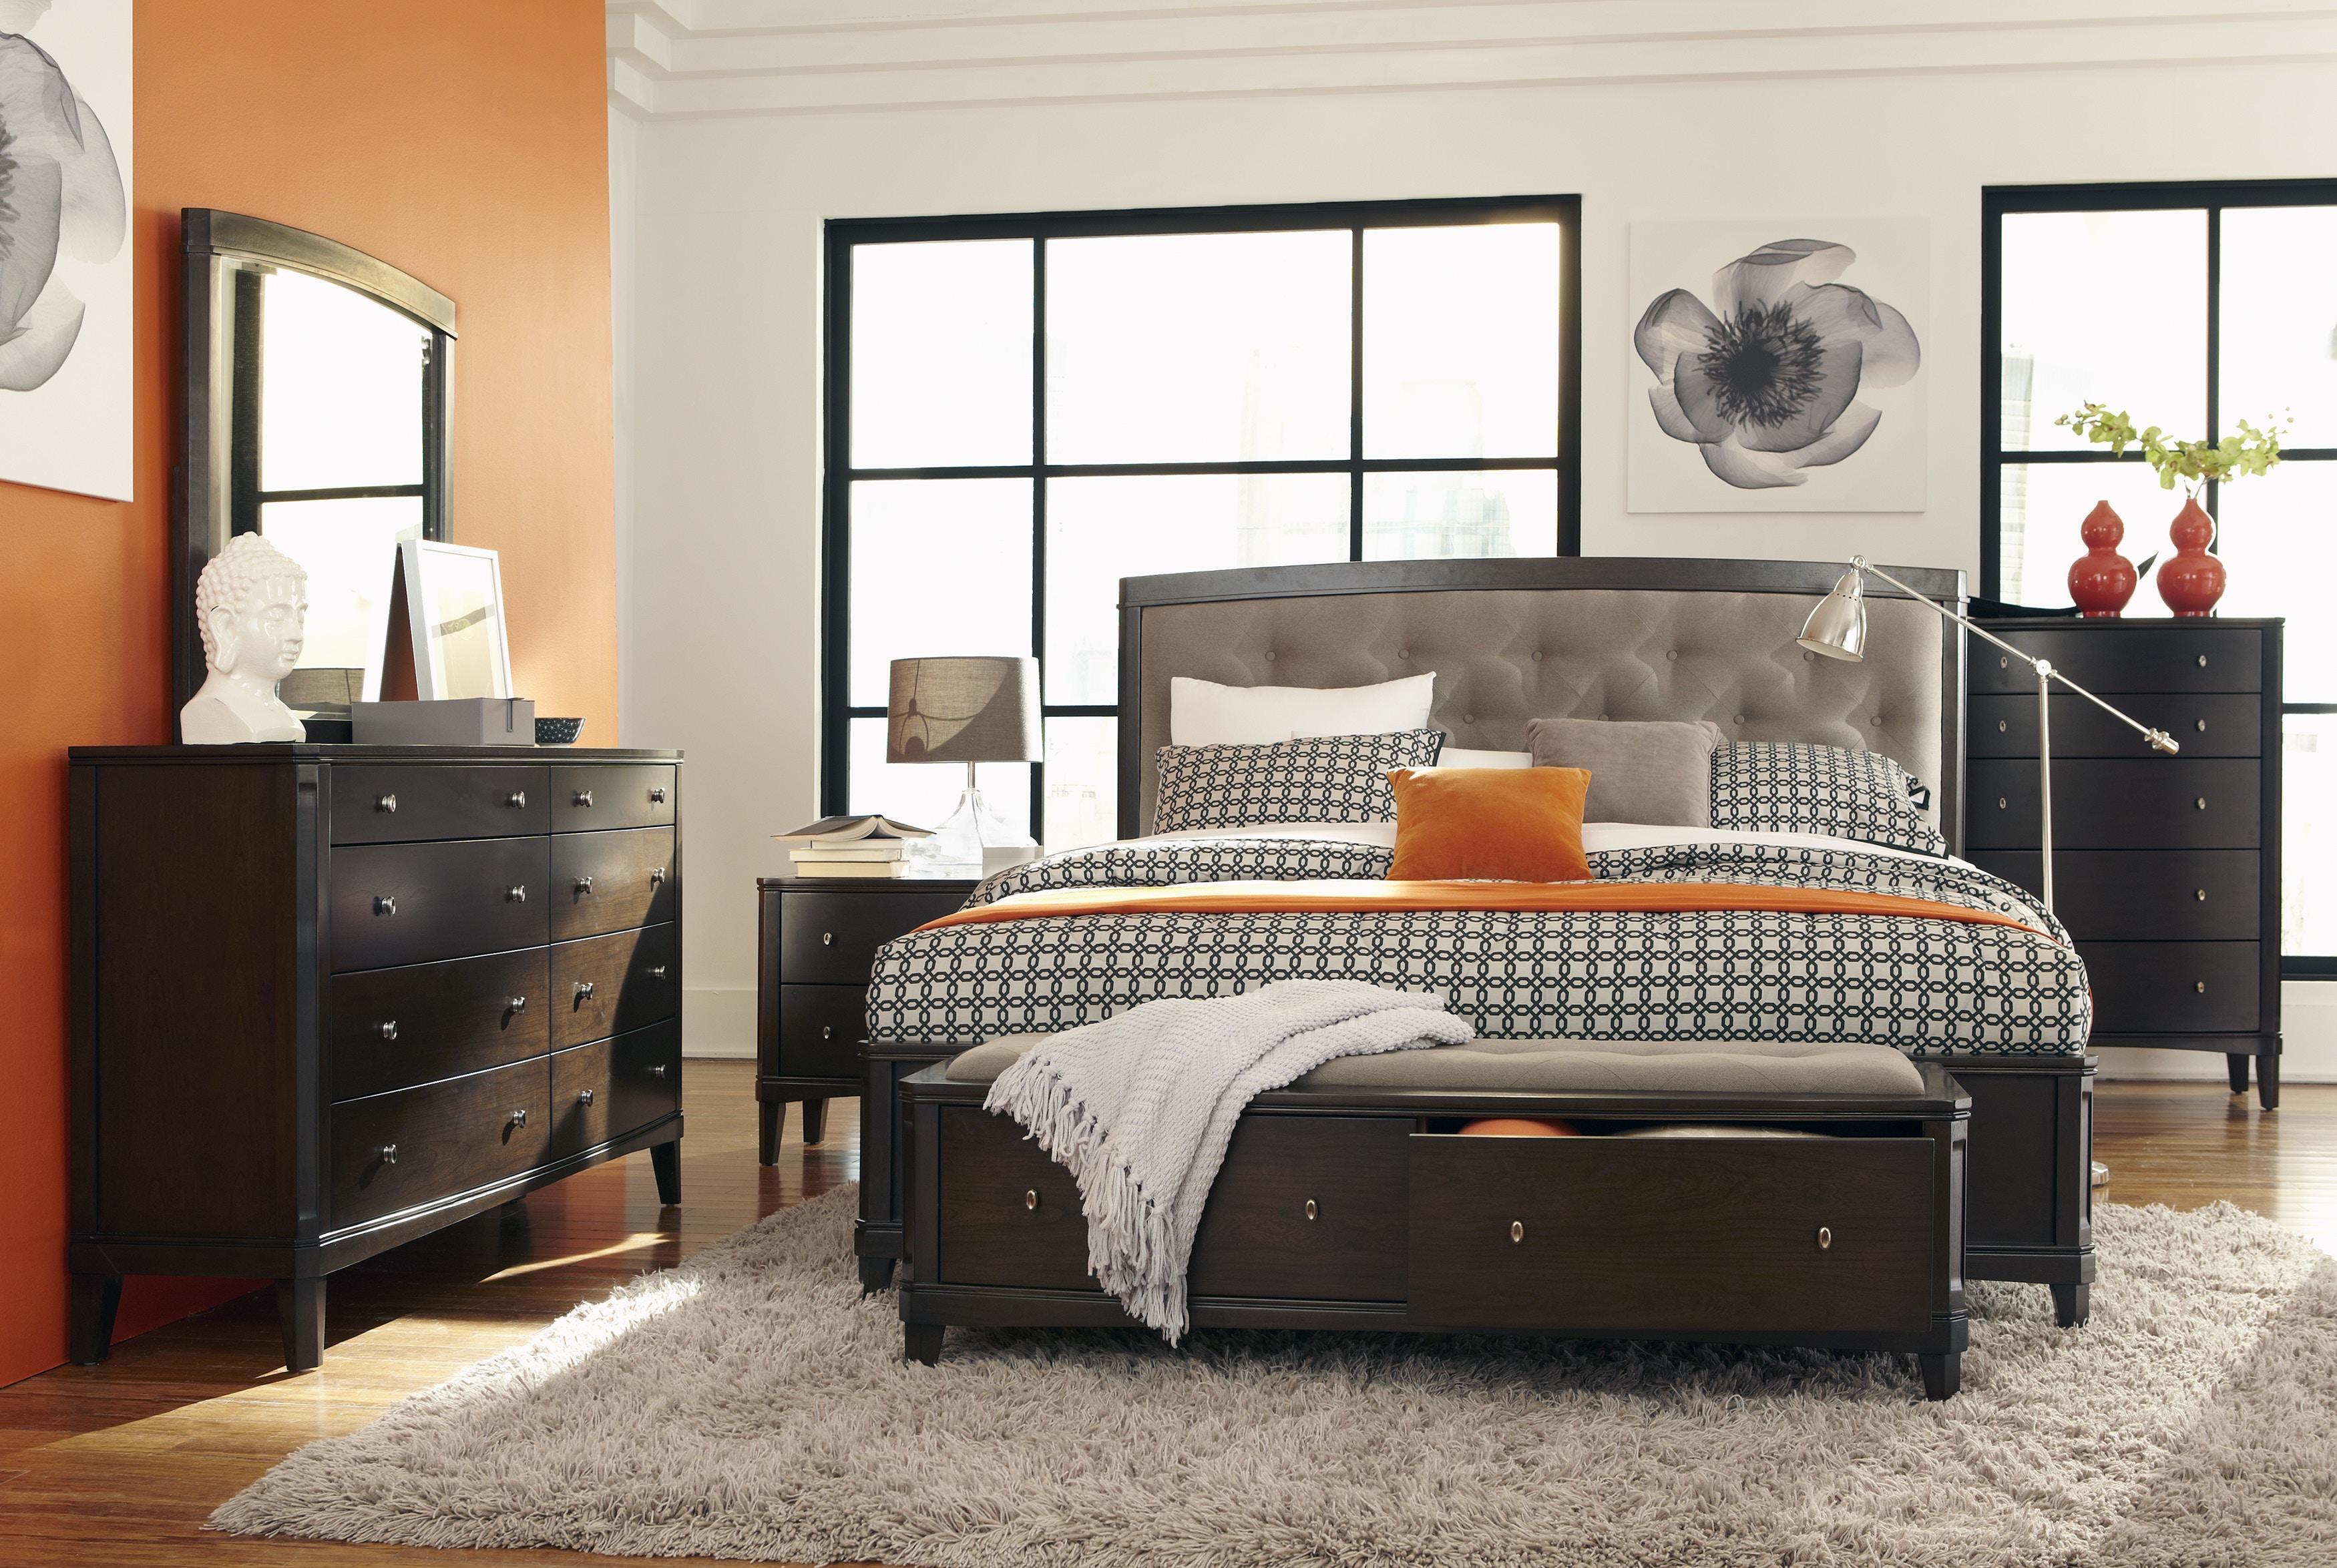 Verona Upholstered Headboard Storage Bed   QUEEN